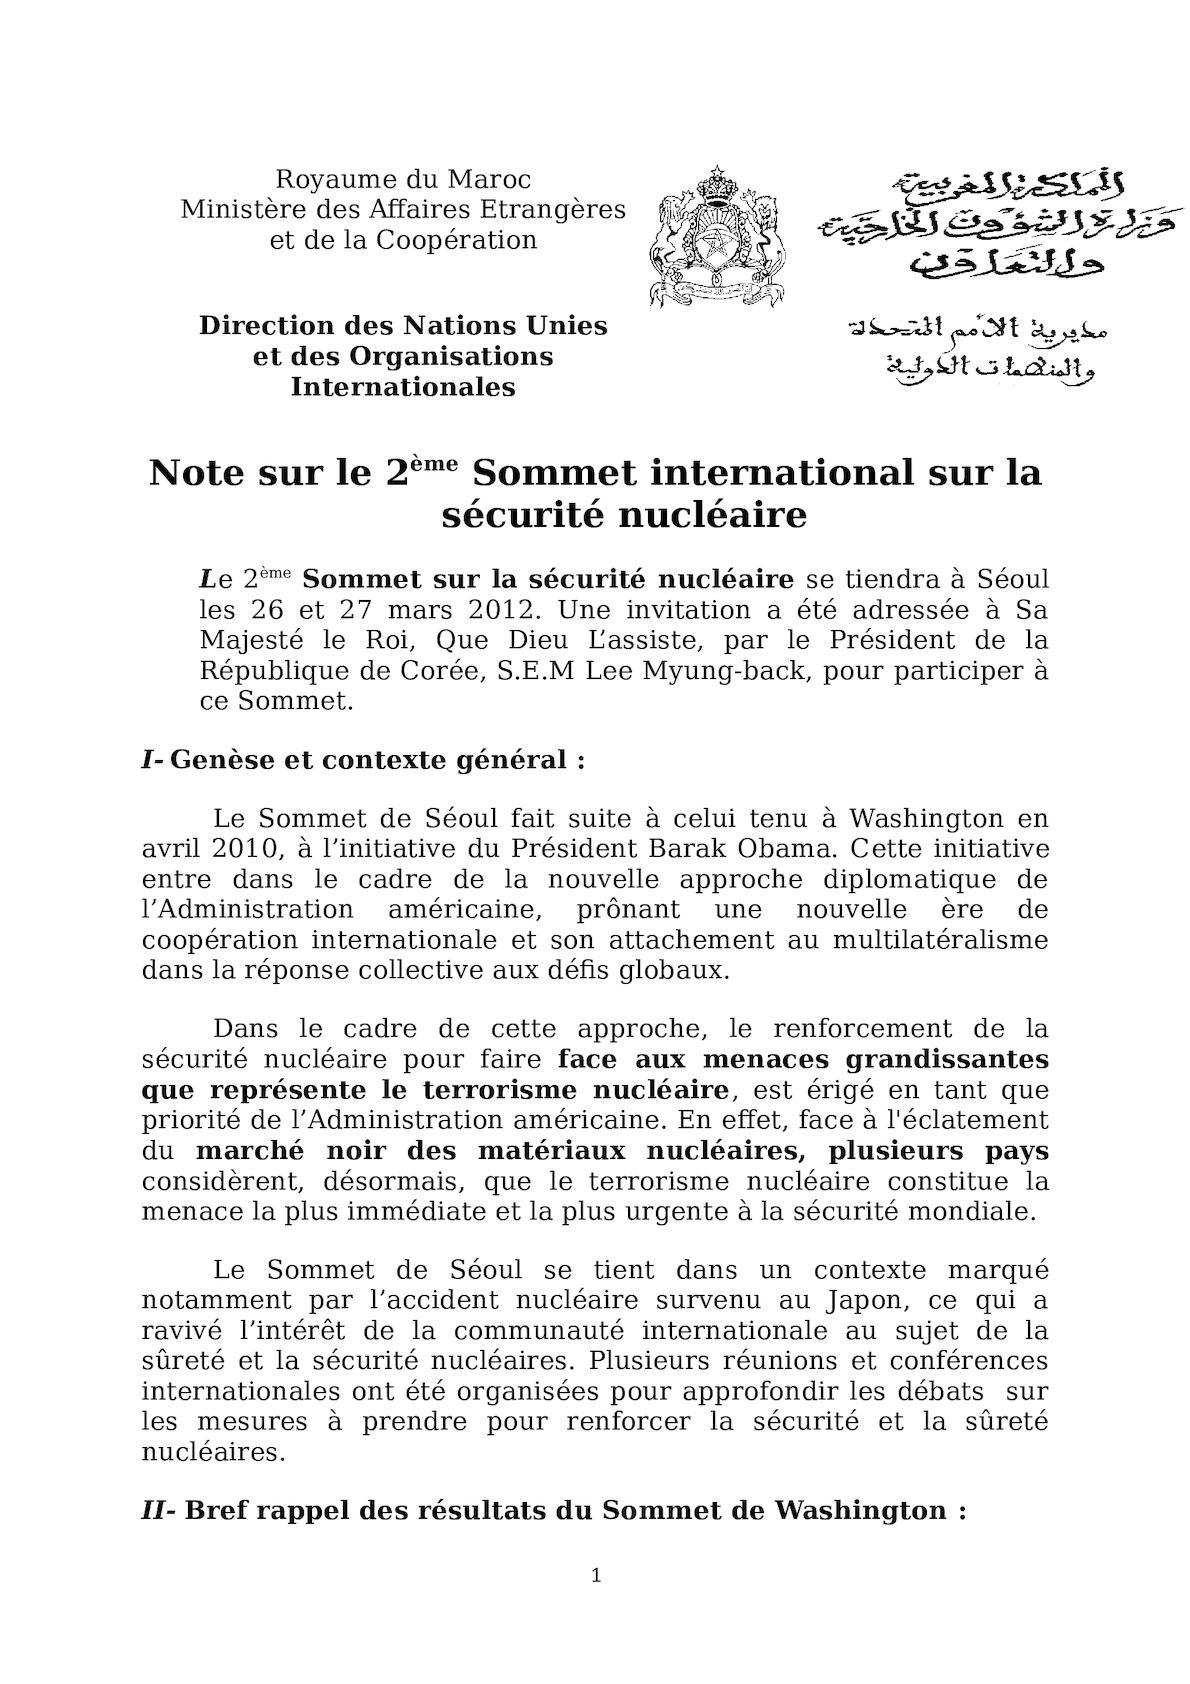 Note Sur Le 2ème Sommet  Sécurité Nucléaire 2003 (2).